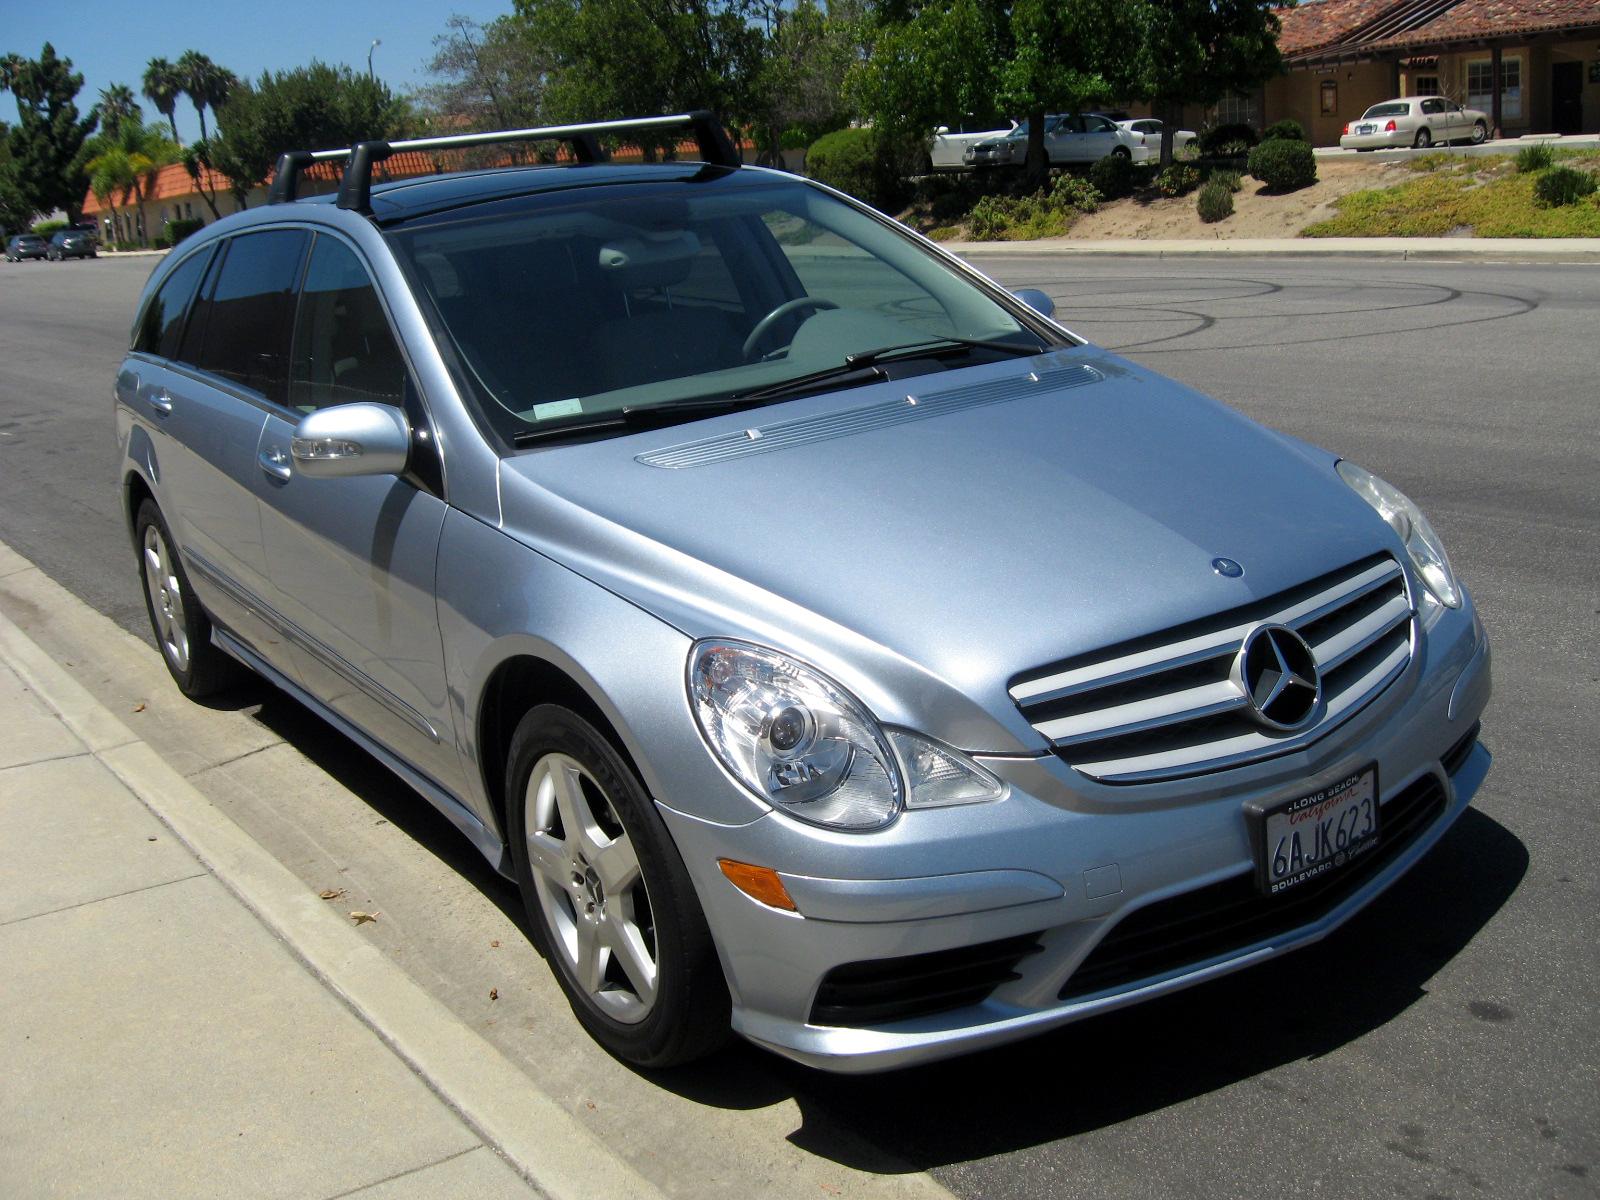 Volkswagen San Diego >> 2006 Mercedes R350 [2006 Mercedes R350] - $12,900.00 ...